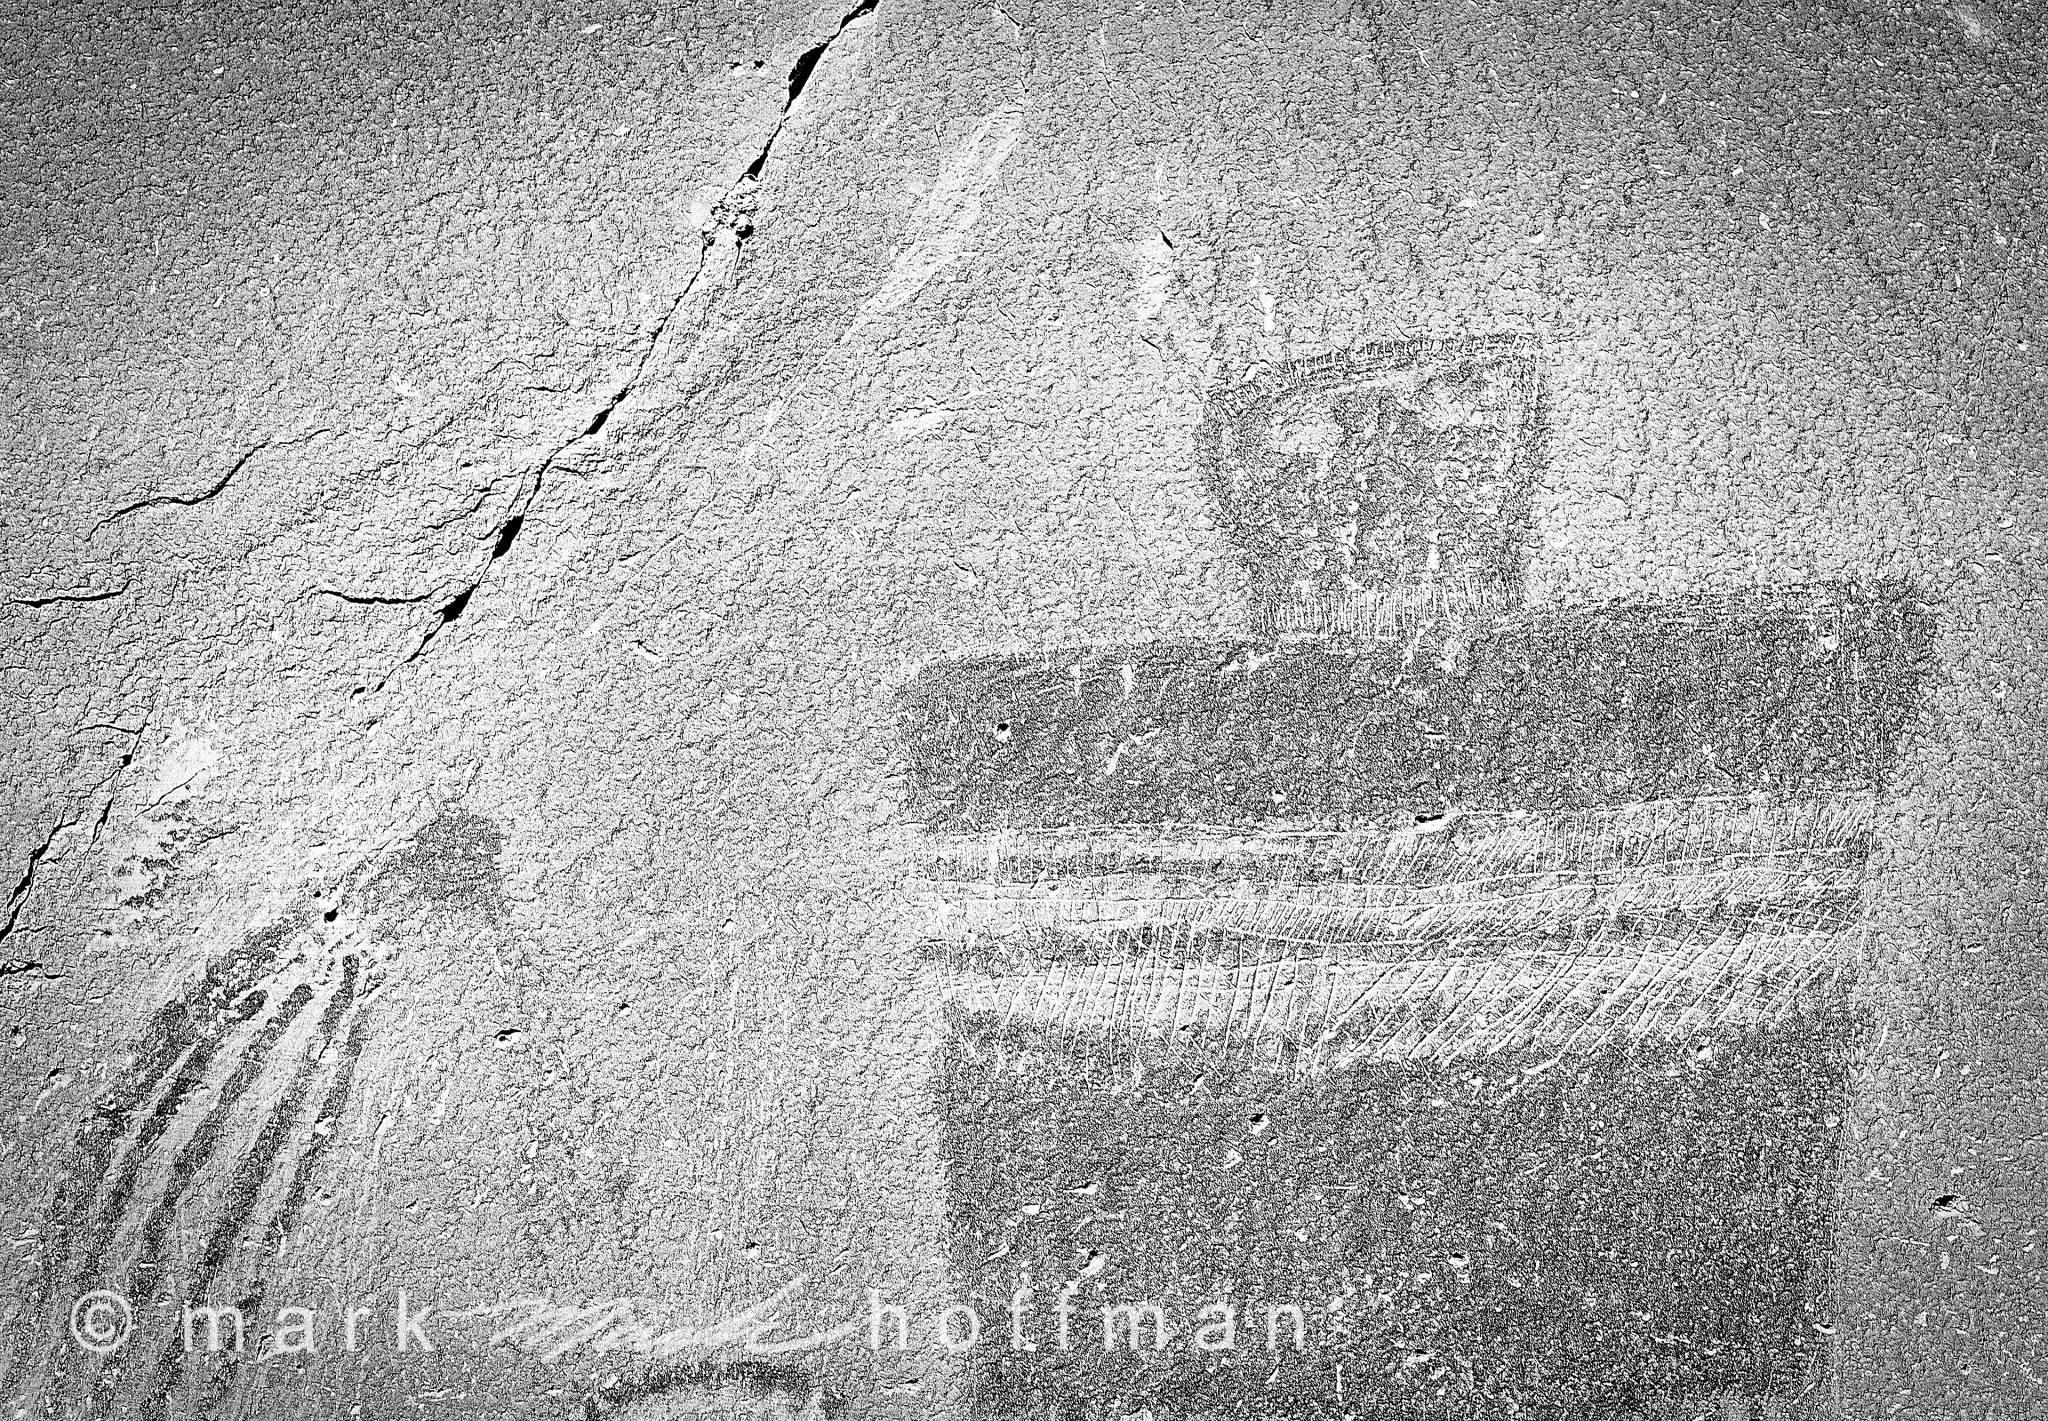 Mark_Hoffman_20141019_0129_Psiz_Exp7TPLumZone_cap1_var1.jpg